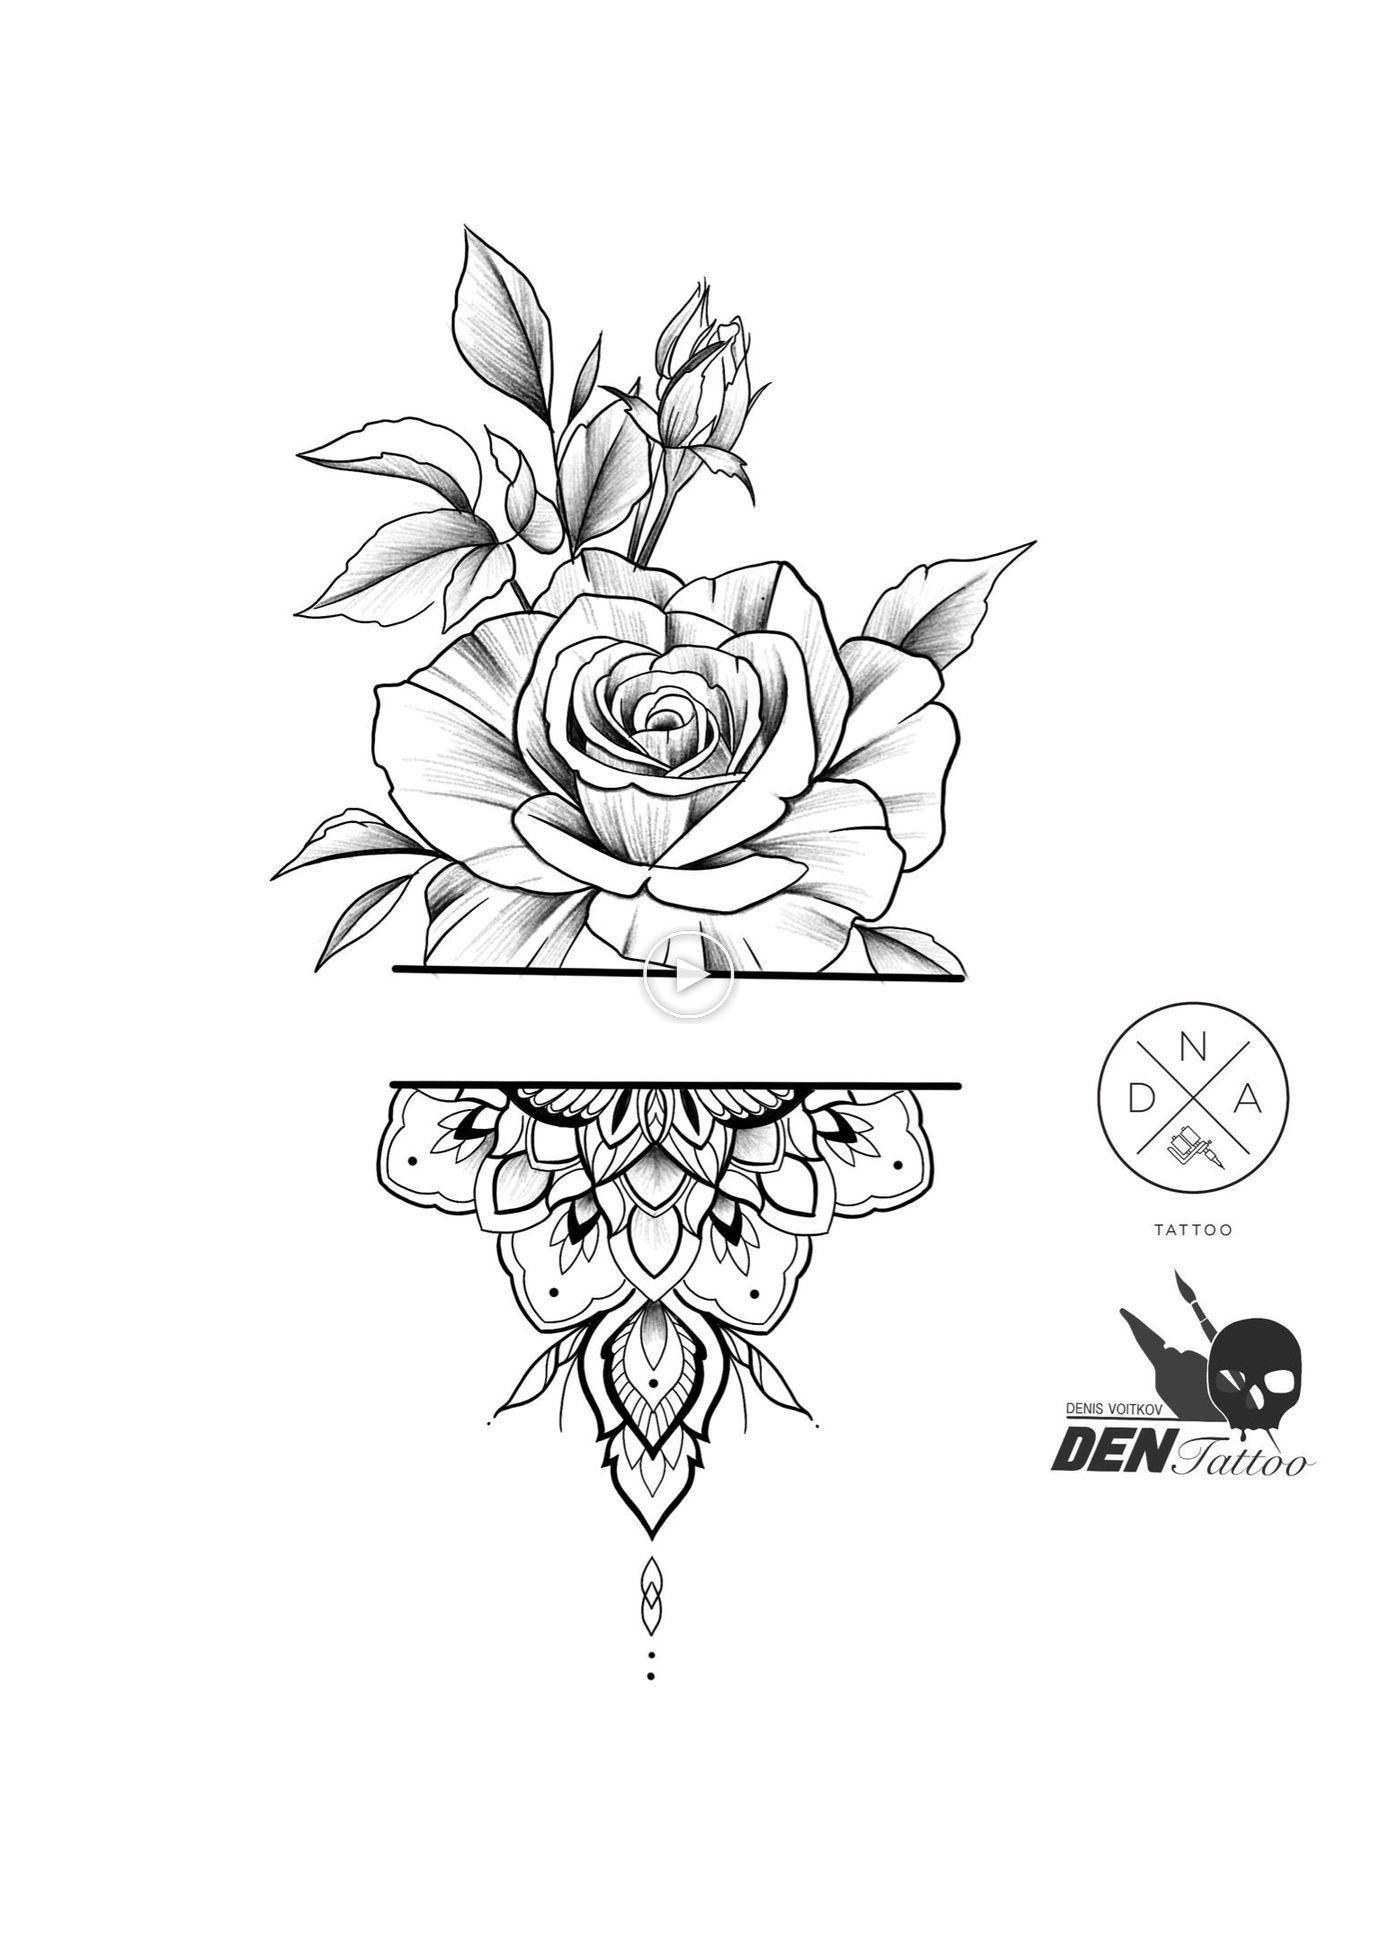 Historia Del Tatuaje Tatuajes Con Significado Disenos